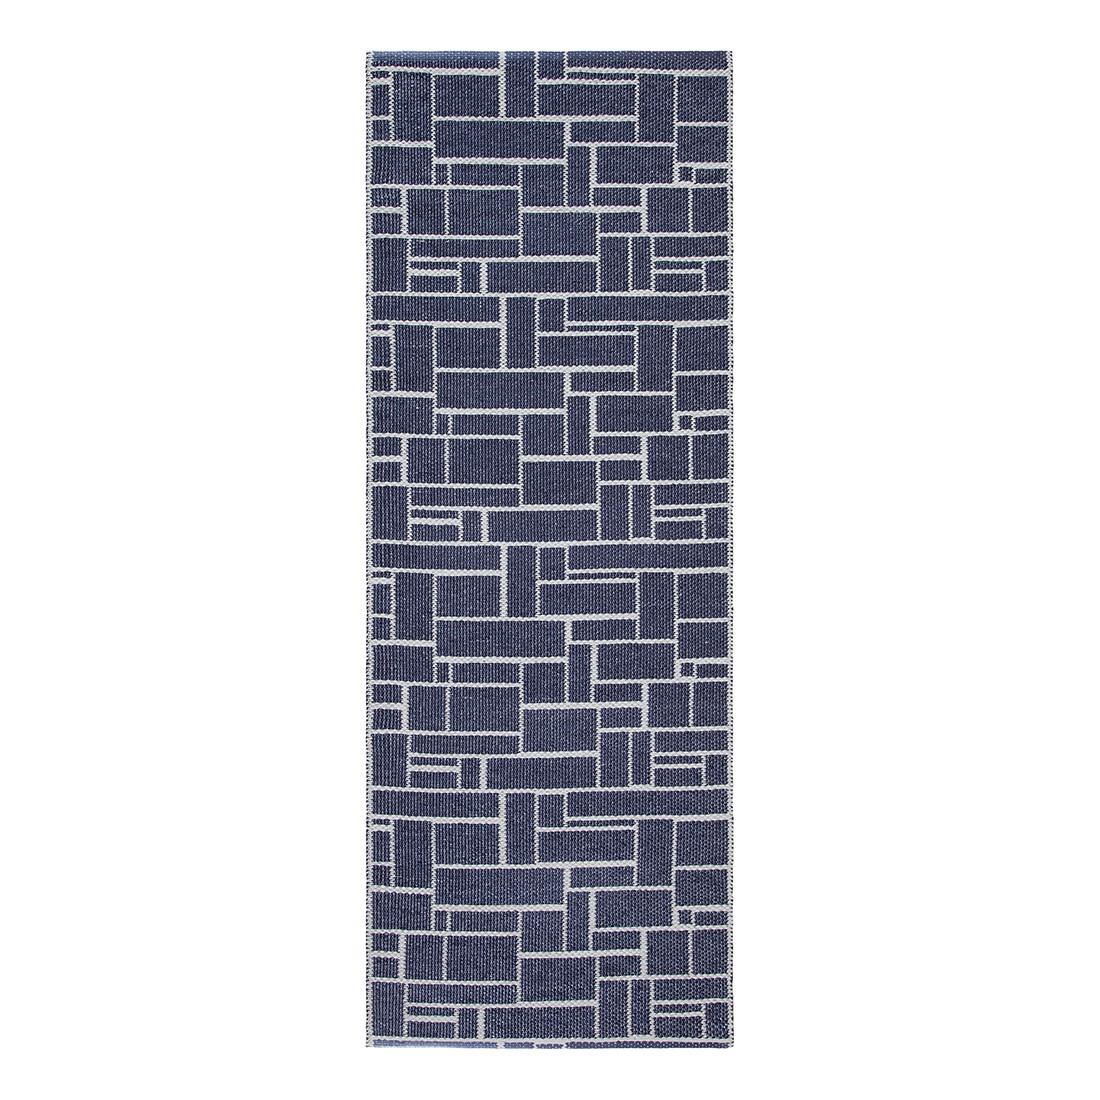 In-/Outdoorteppich Dama Metallic I – Kunstfaser MarineBlau/Beige – 60 x 240 cm, Swedy bestellen